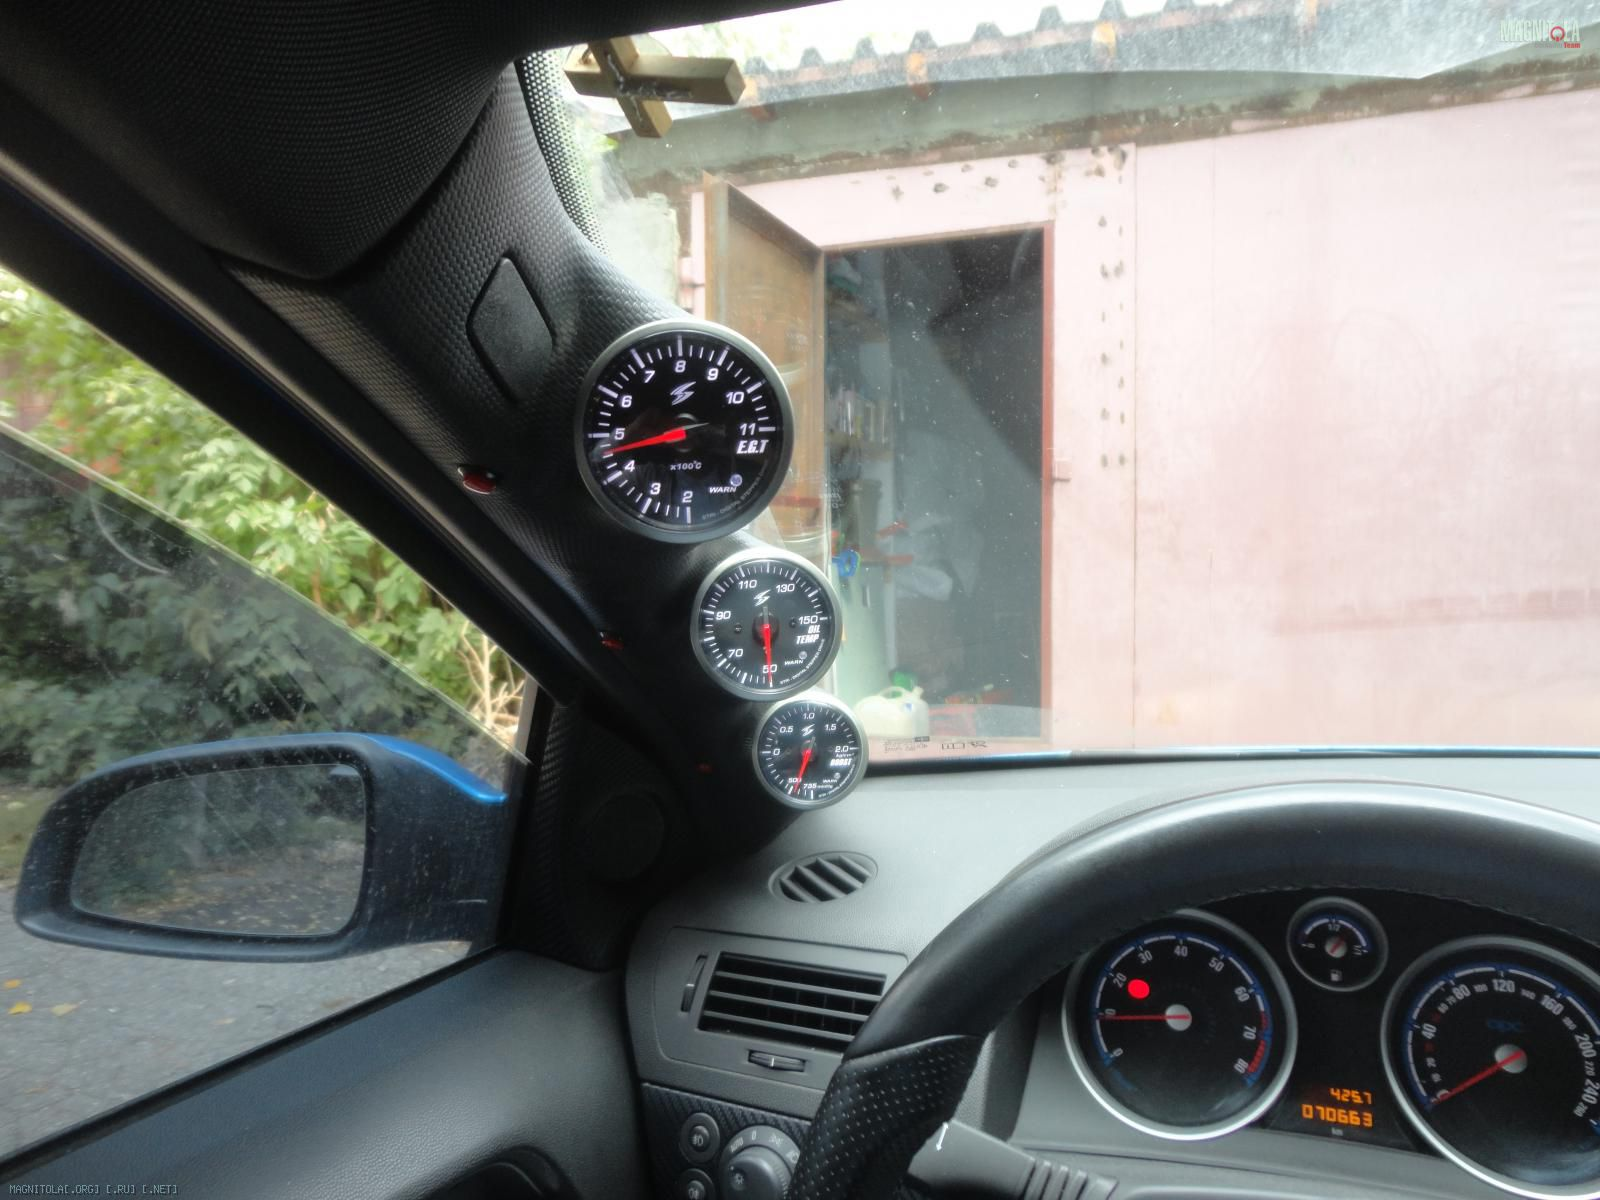 Дополнительные приборы в авто. Какие бывают и для 47